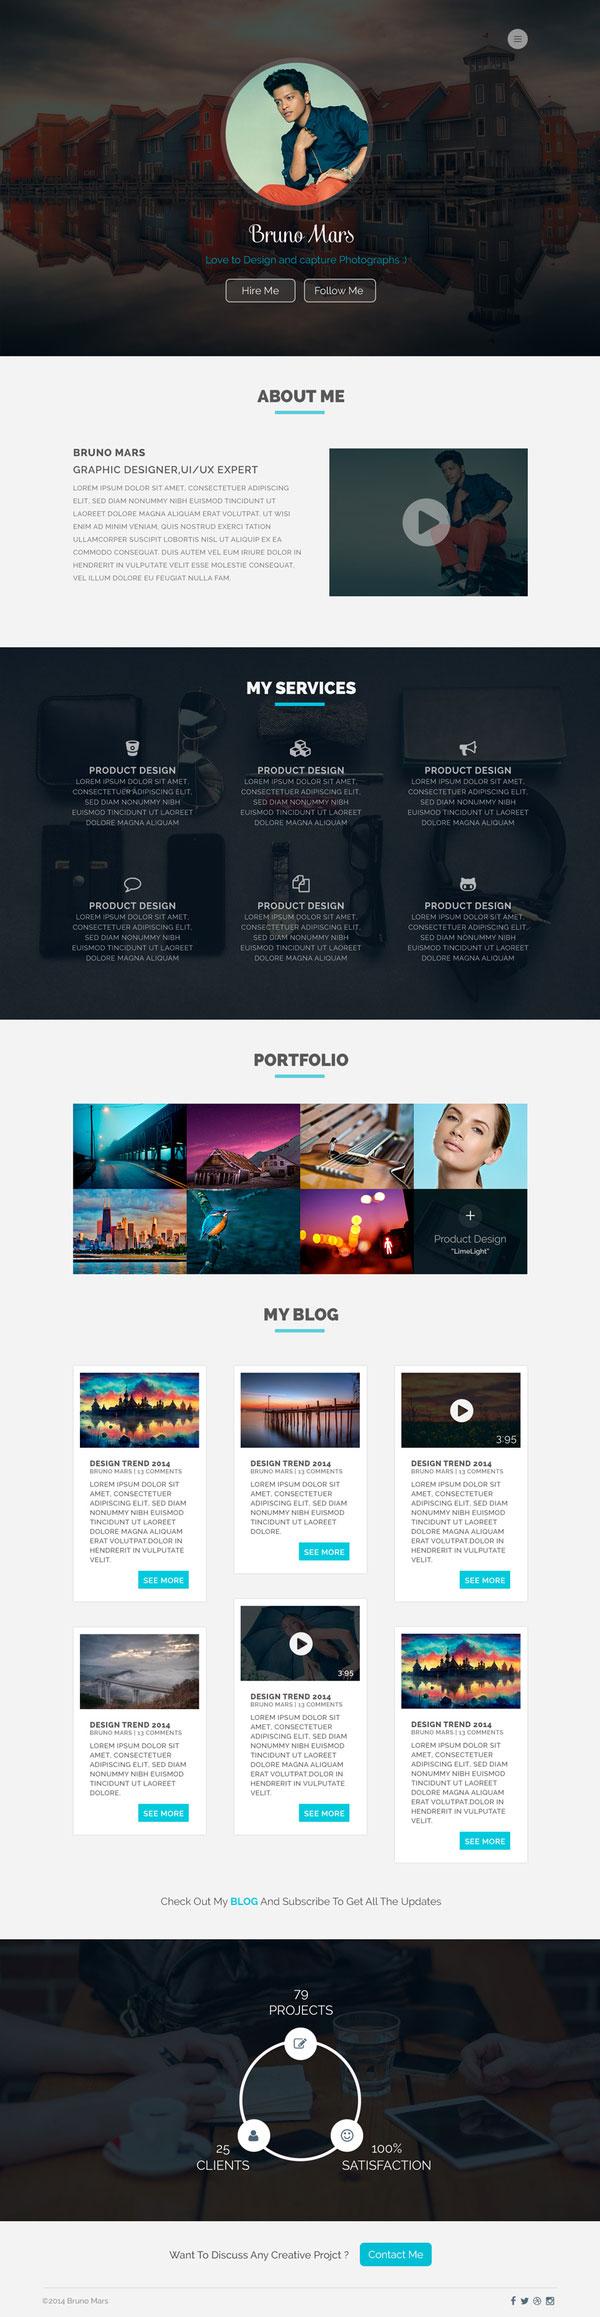 Free Designer Portfolio PSD Template